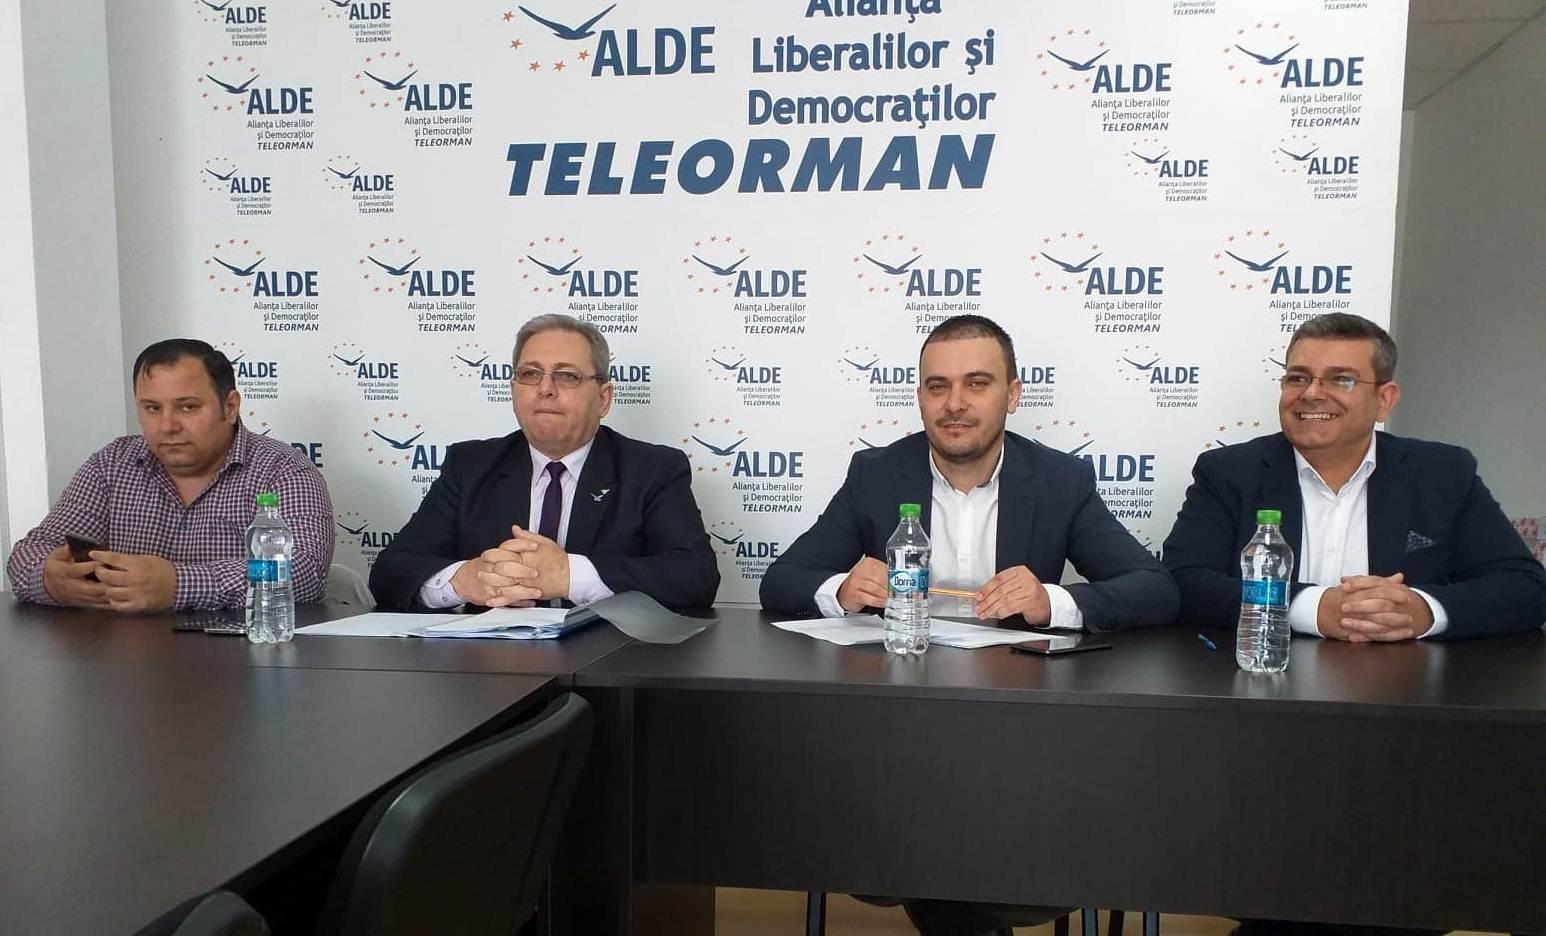 """Cătălin Burcescu, candidat ALDE pentru Parlamentul European, este optimist: """"În Teleorman, vom obține peste 12% din voturi"""""""